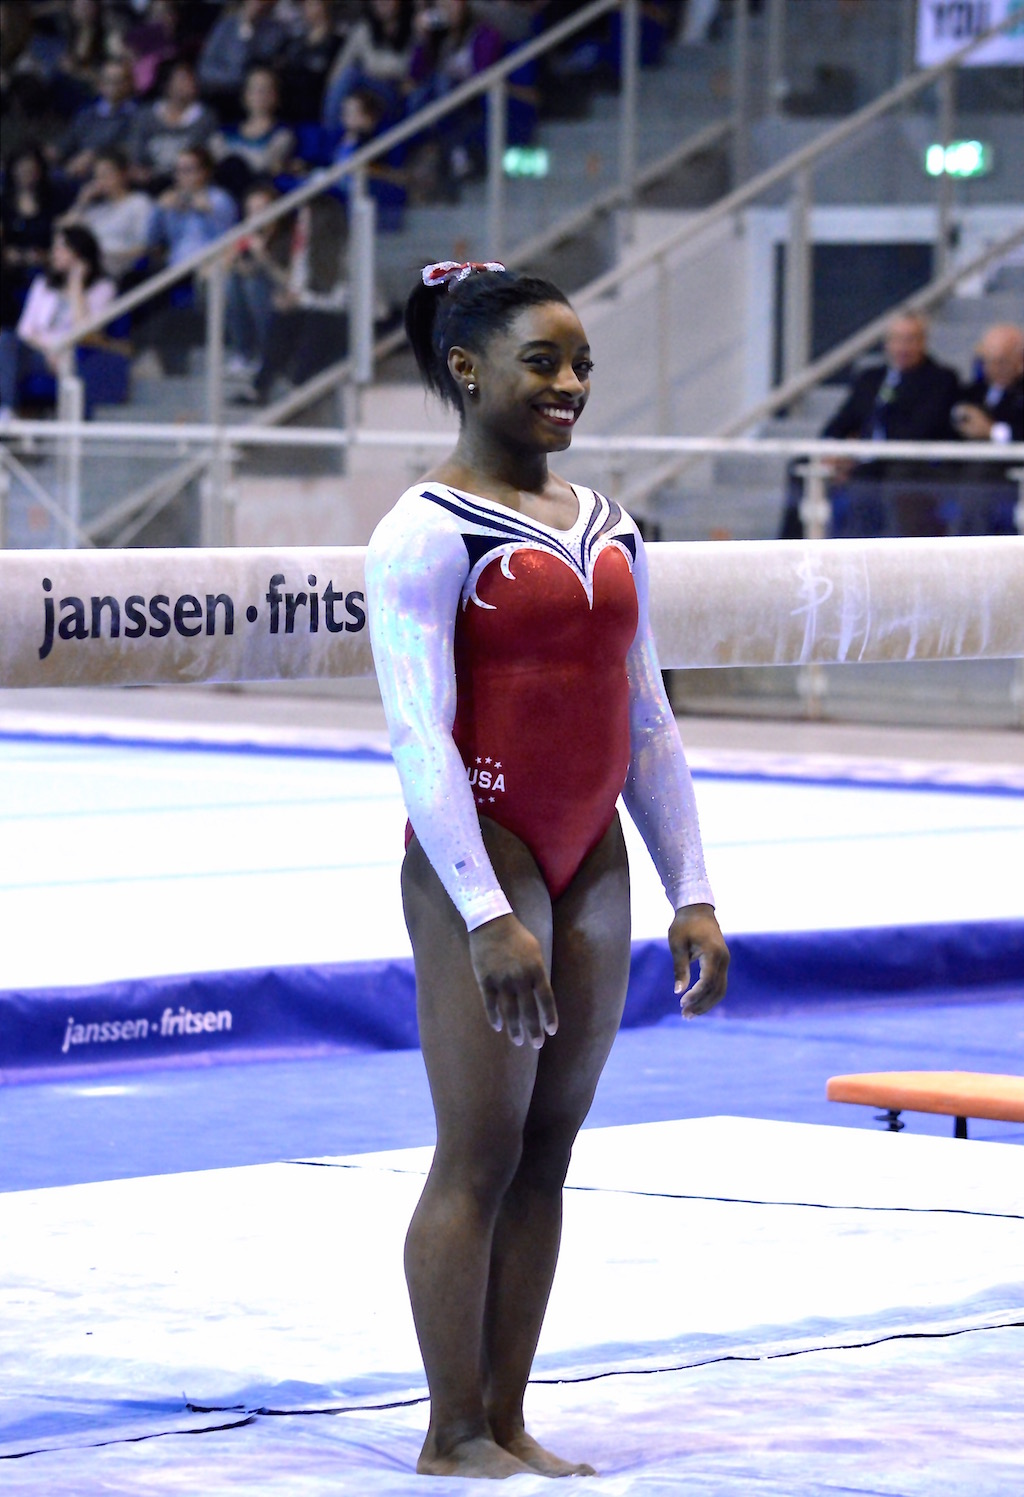 USA campionessa